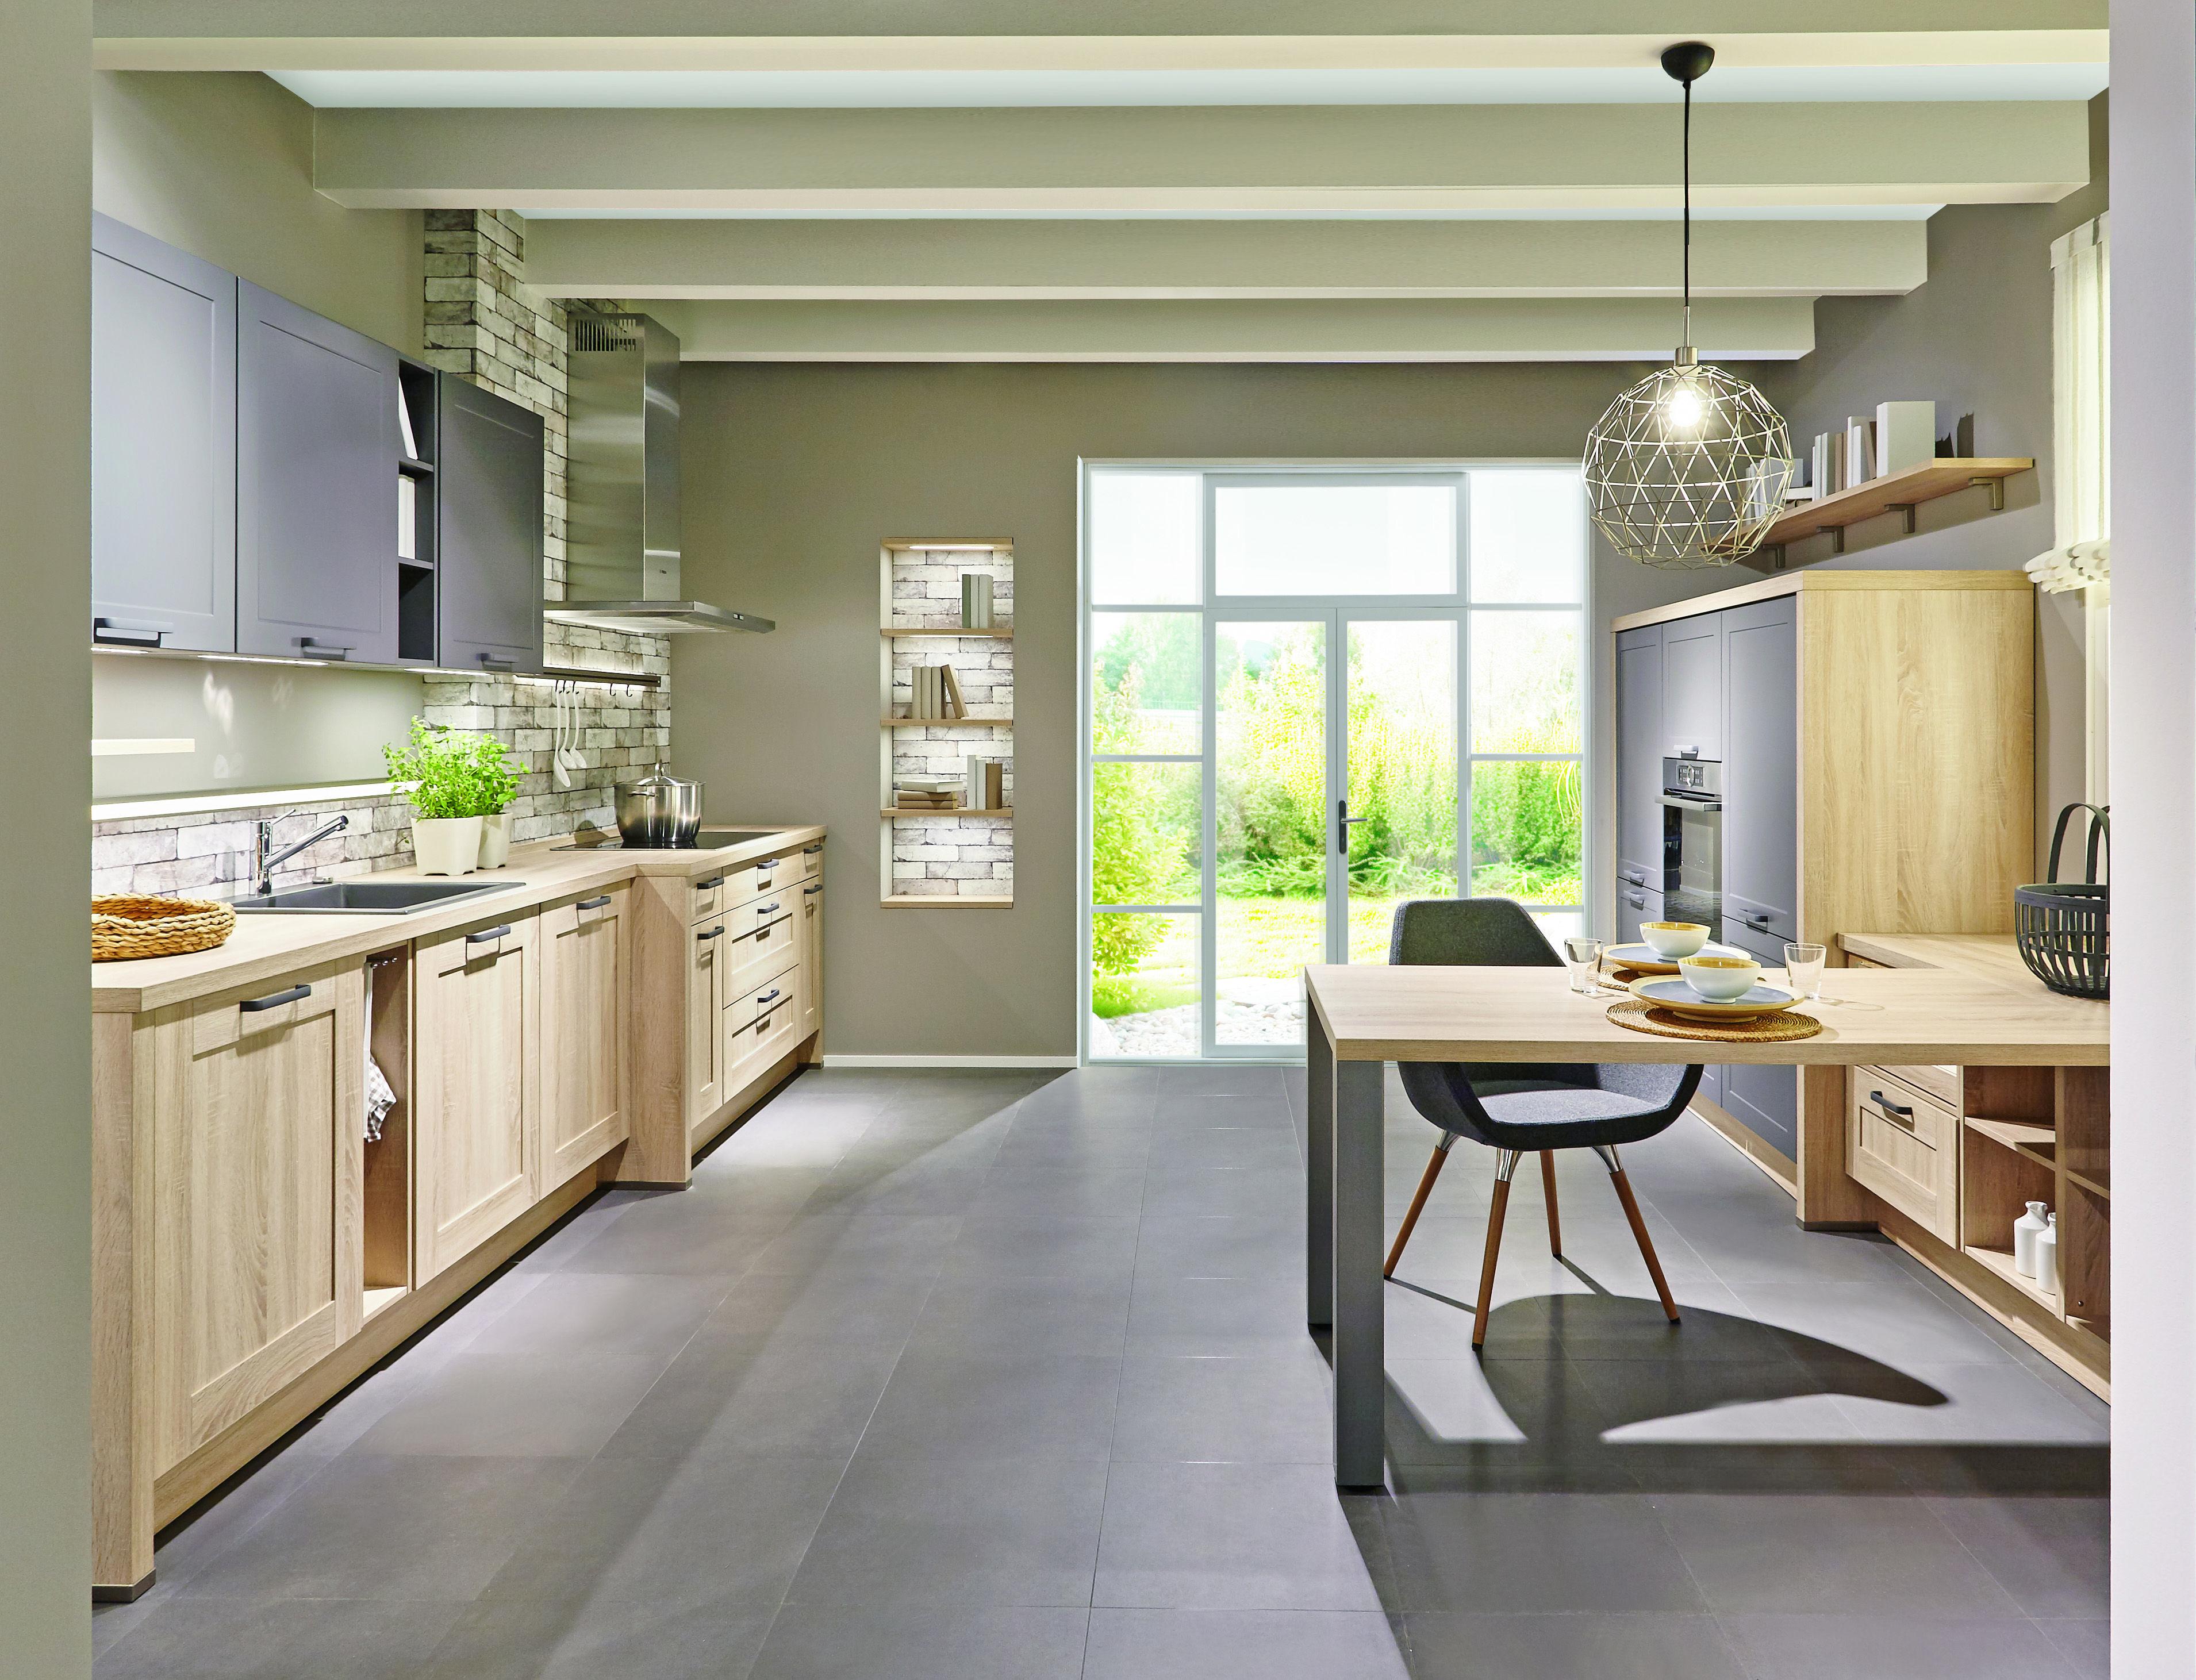 Küchen in Holzoptik müssen nicht altbacken aussehen Wir